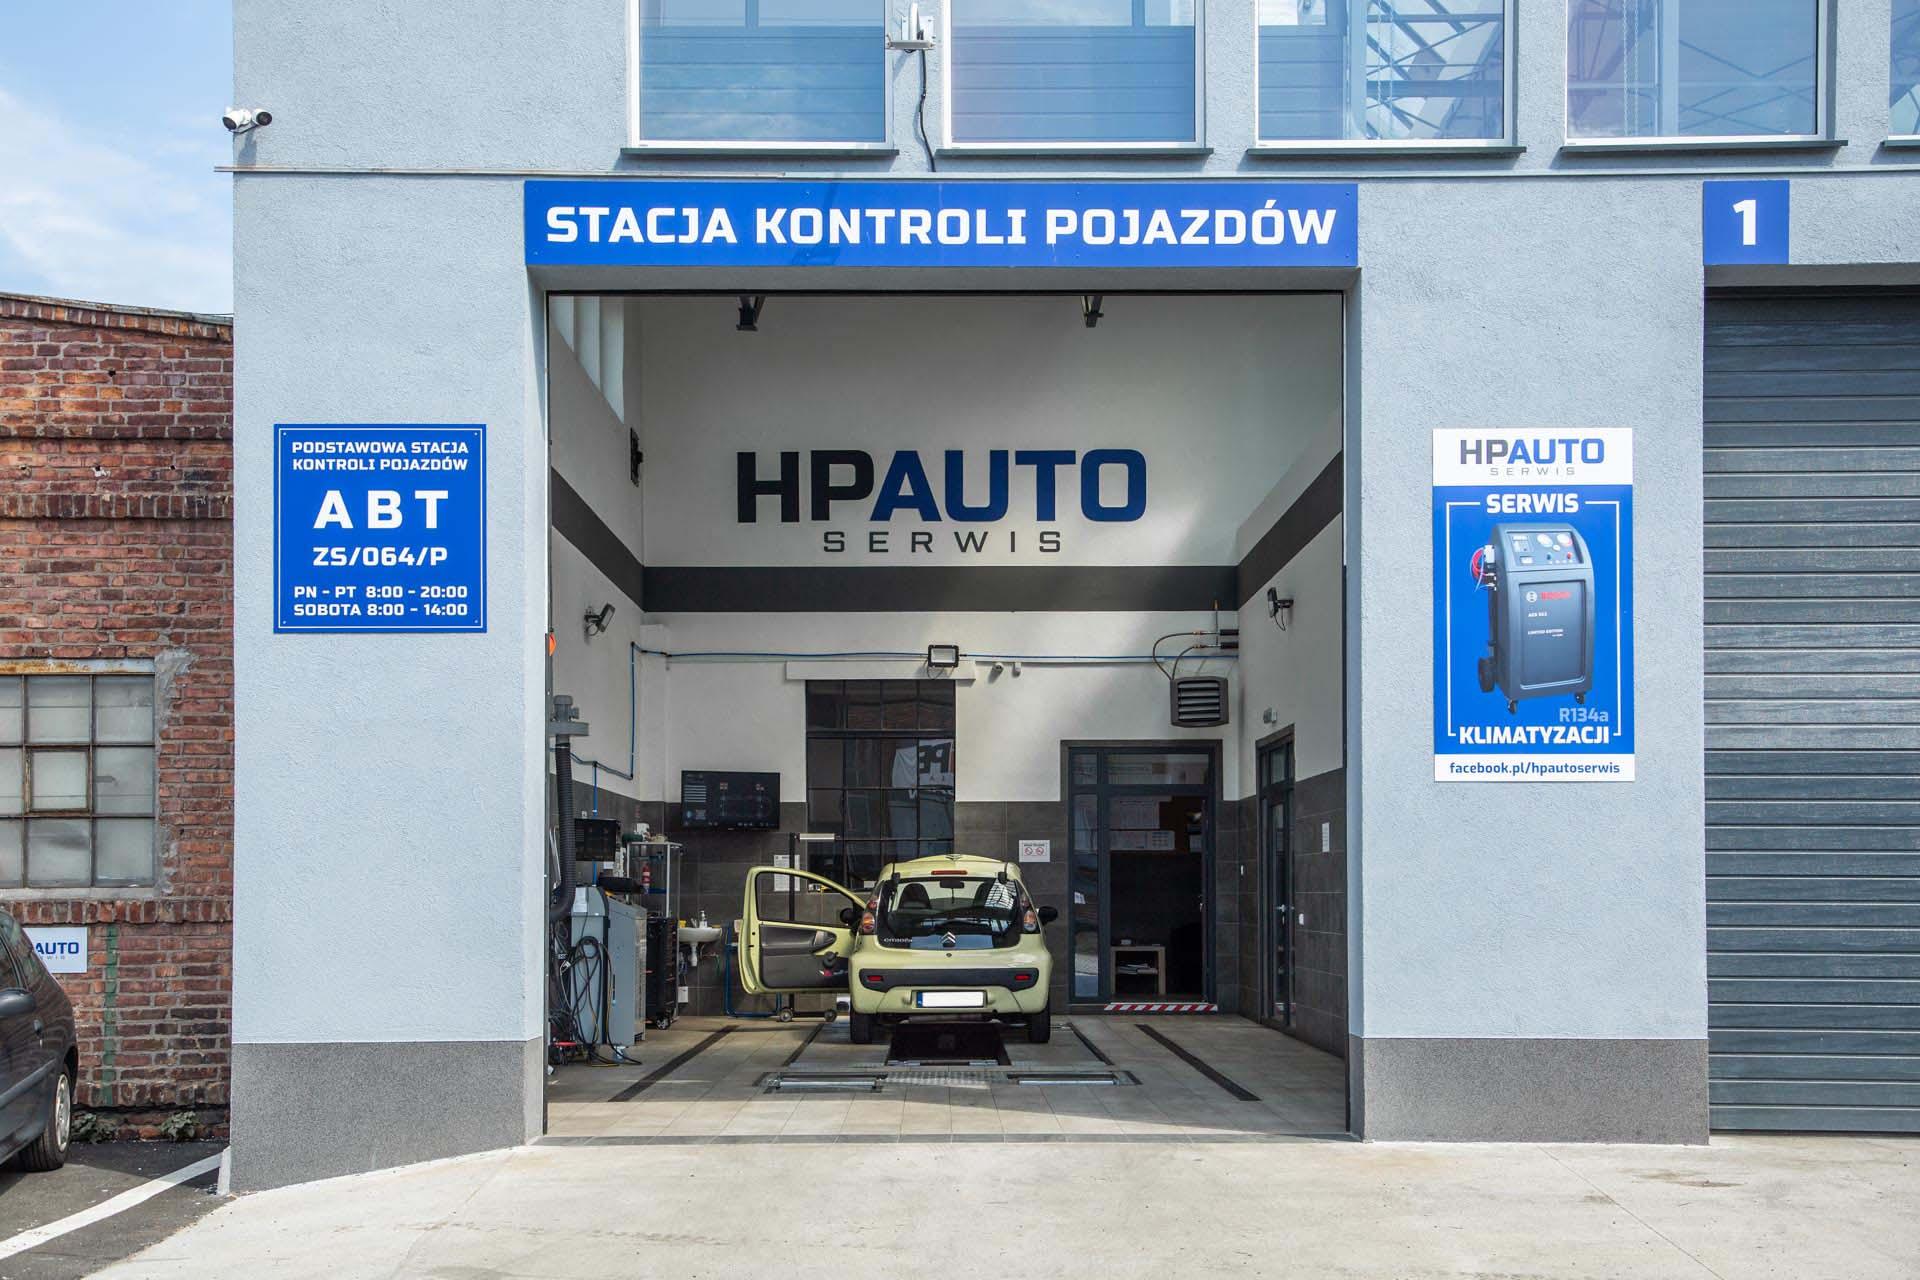 hp auto serwis - stacja kontroli pojazdów szczecin santocka 44 (16)